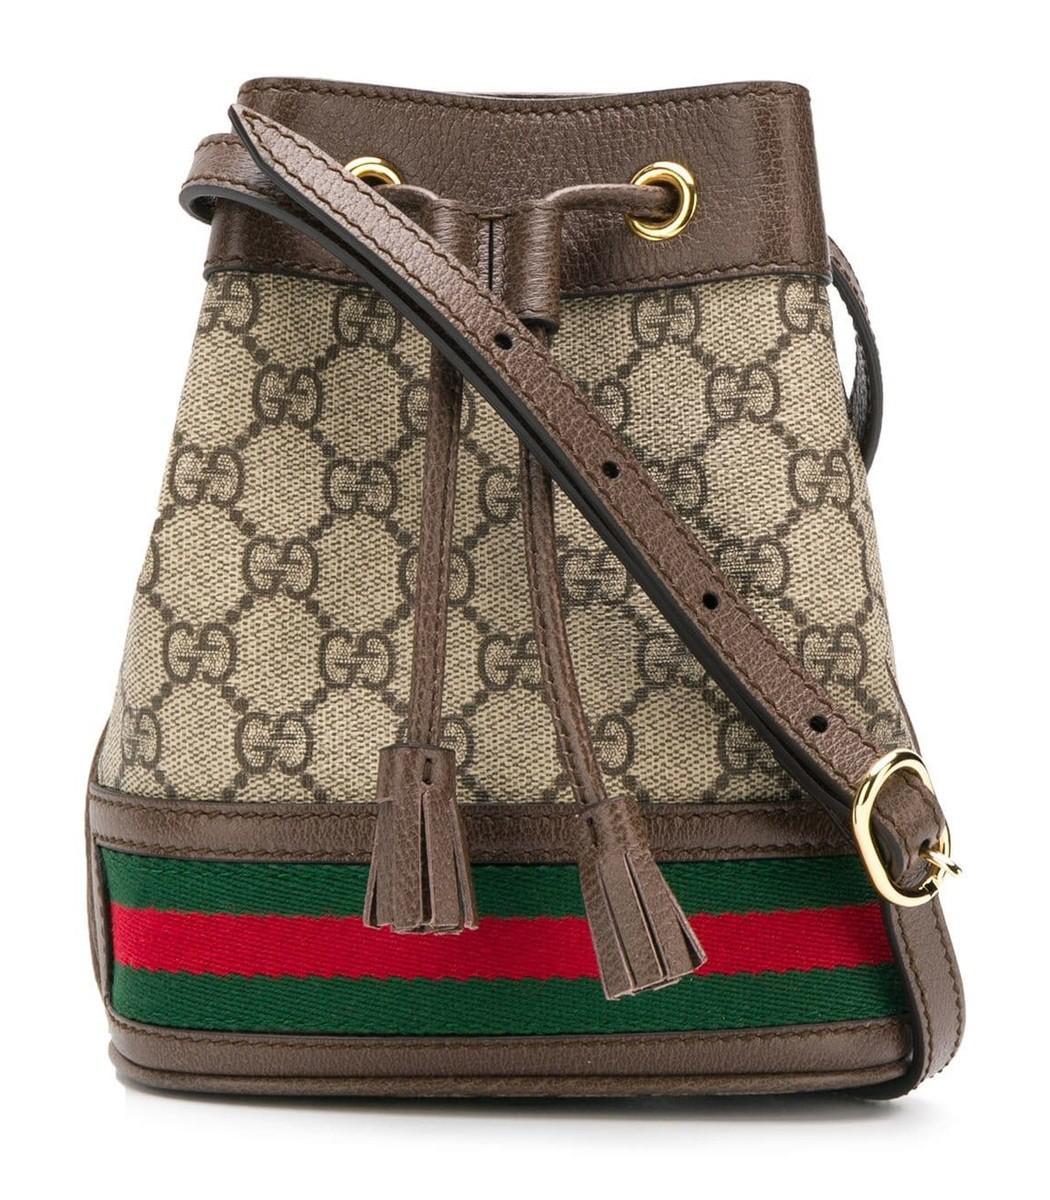 d1774fa766141e Gucci Mini Ophidia Gg Supreme Bucket Bag - Beige In Brown | ModeSens